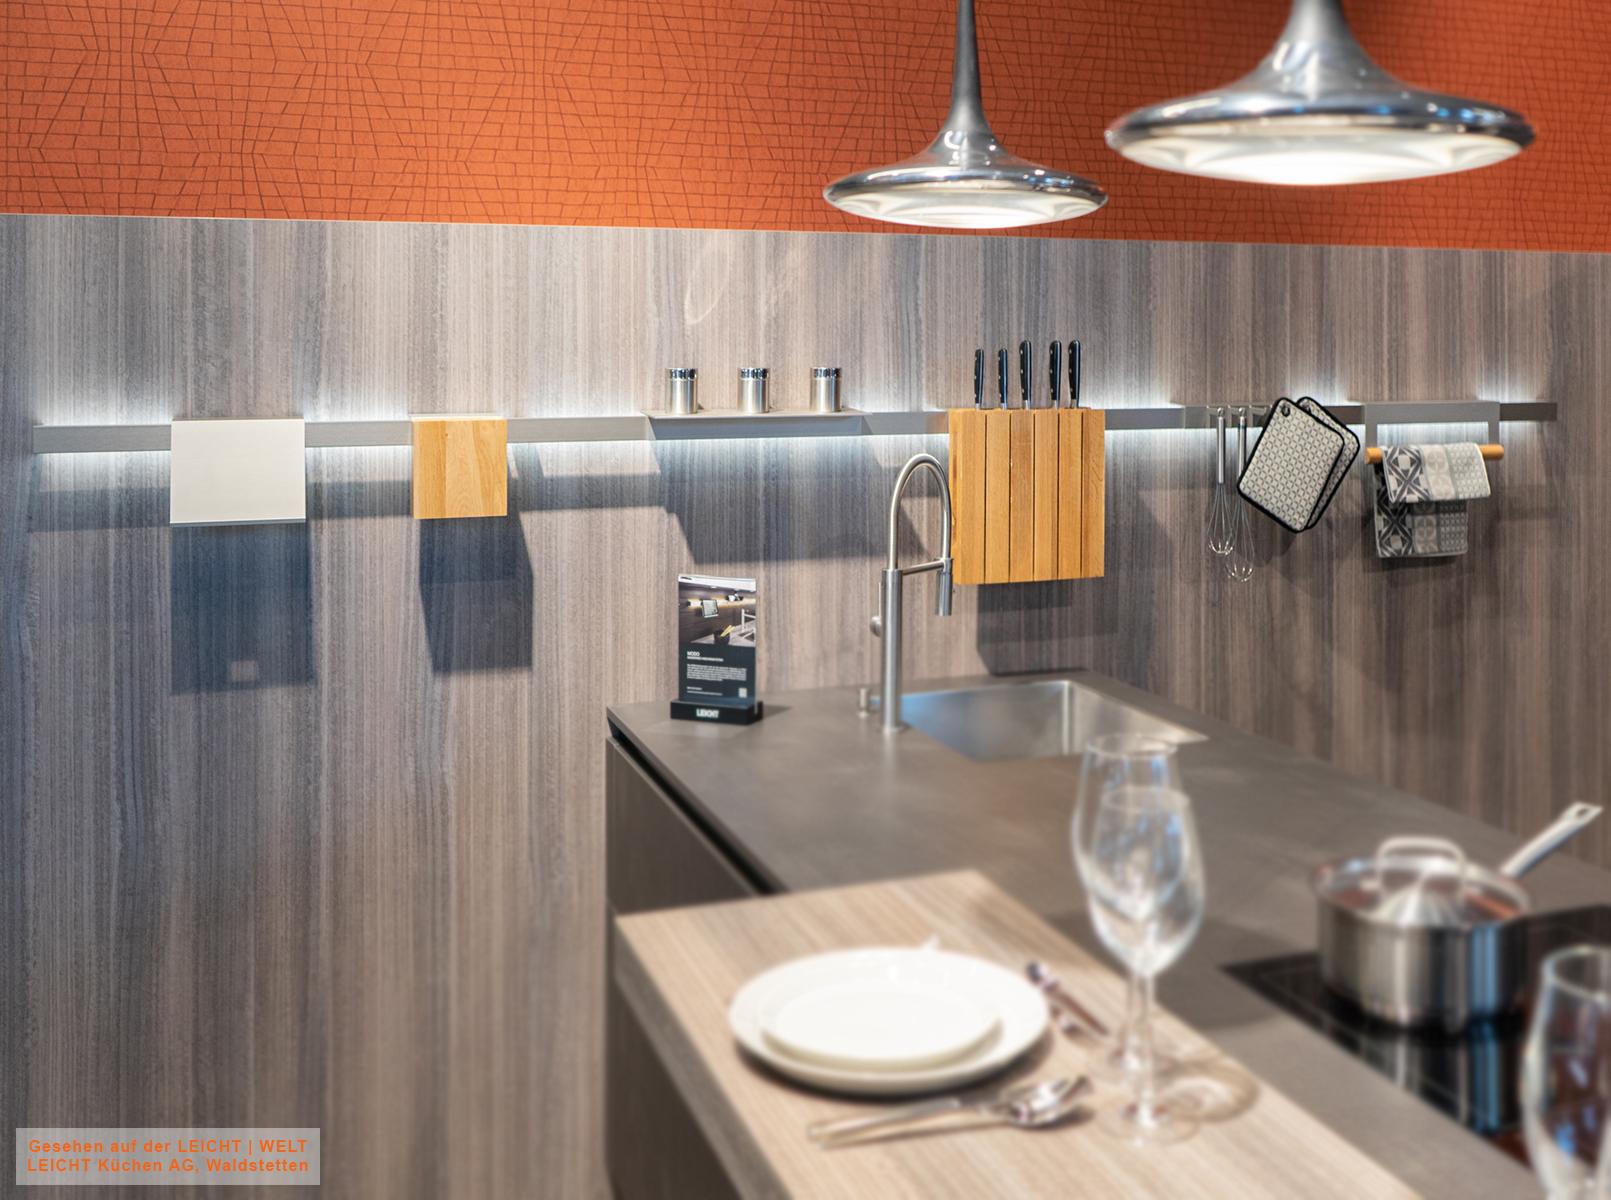 SAAR Küchen Ordnungssysteme Reling